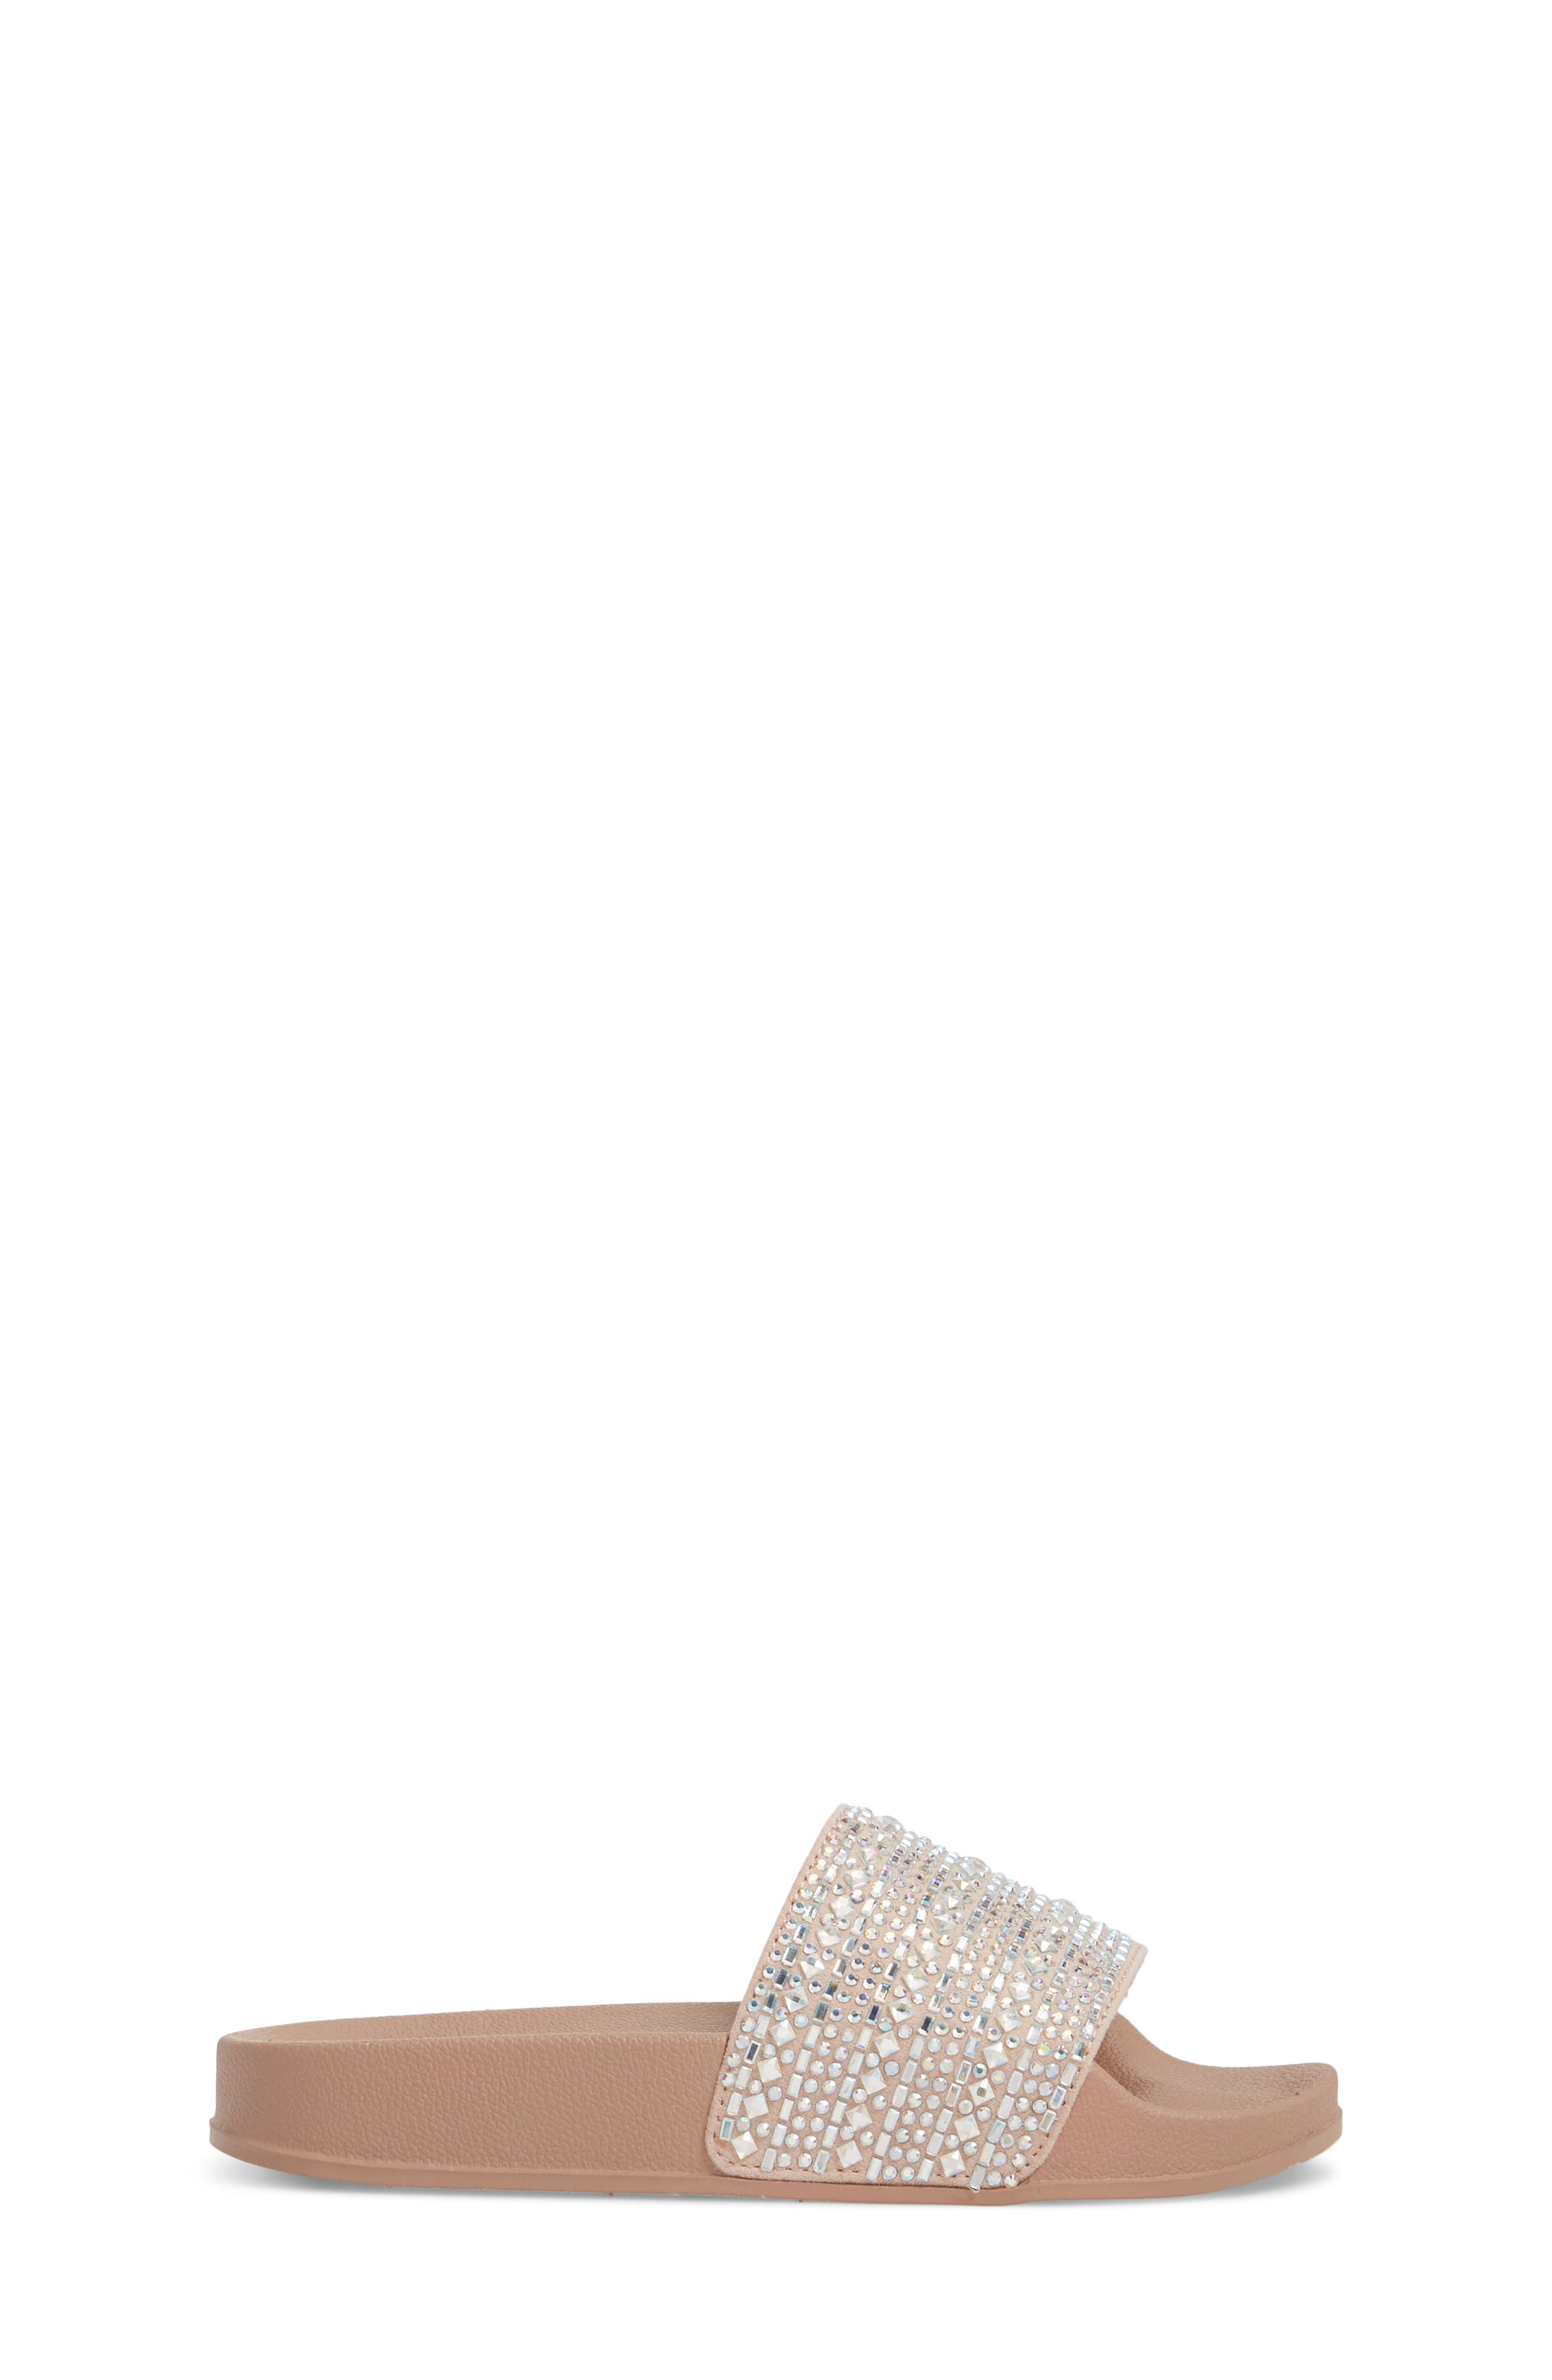 JDAZZLE Crystal Embellished Slide Sandal,                             Alternate thumbnail 3, color,                             Blush